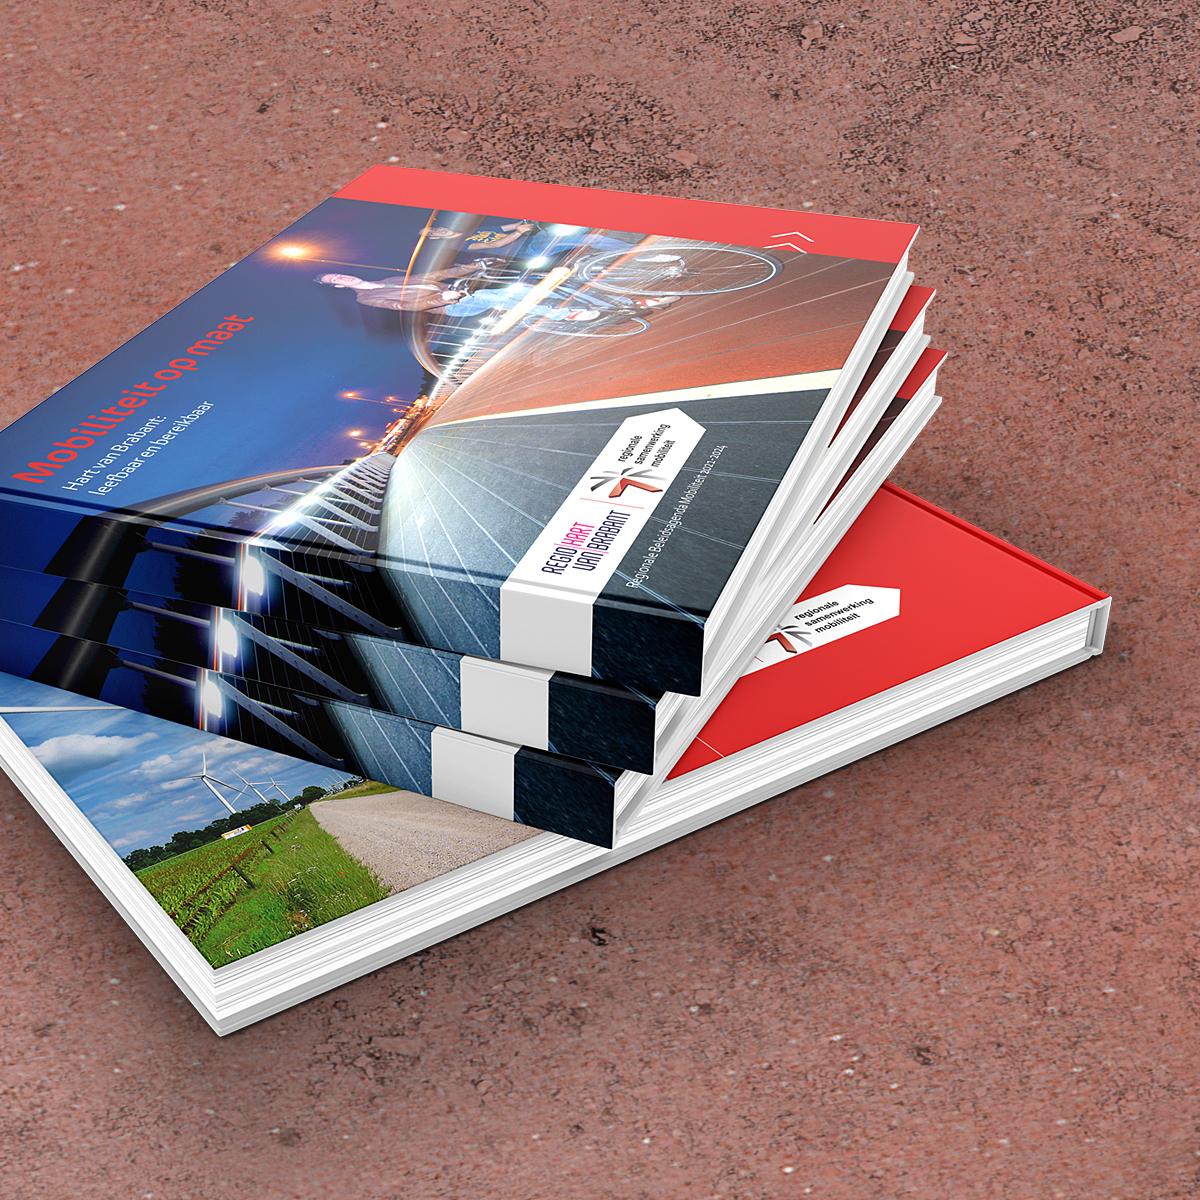 Vormgeving boek 'Mobiliteit op maat'